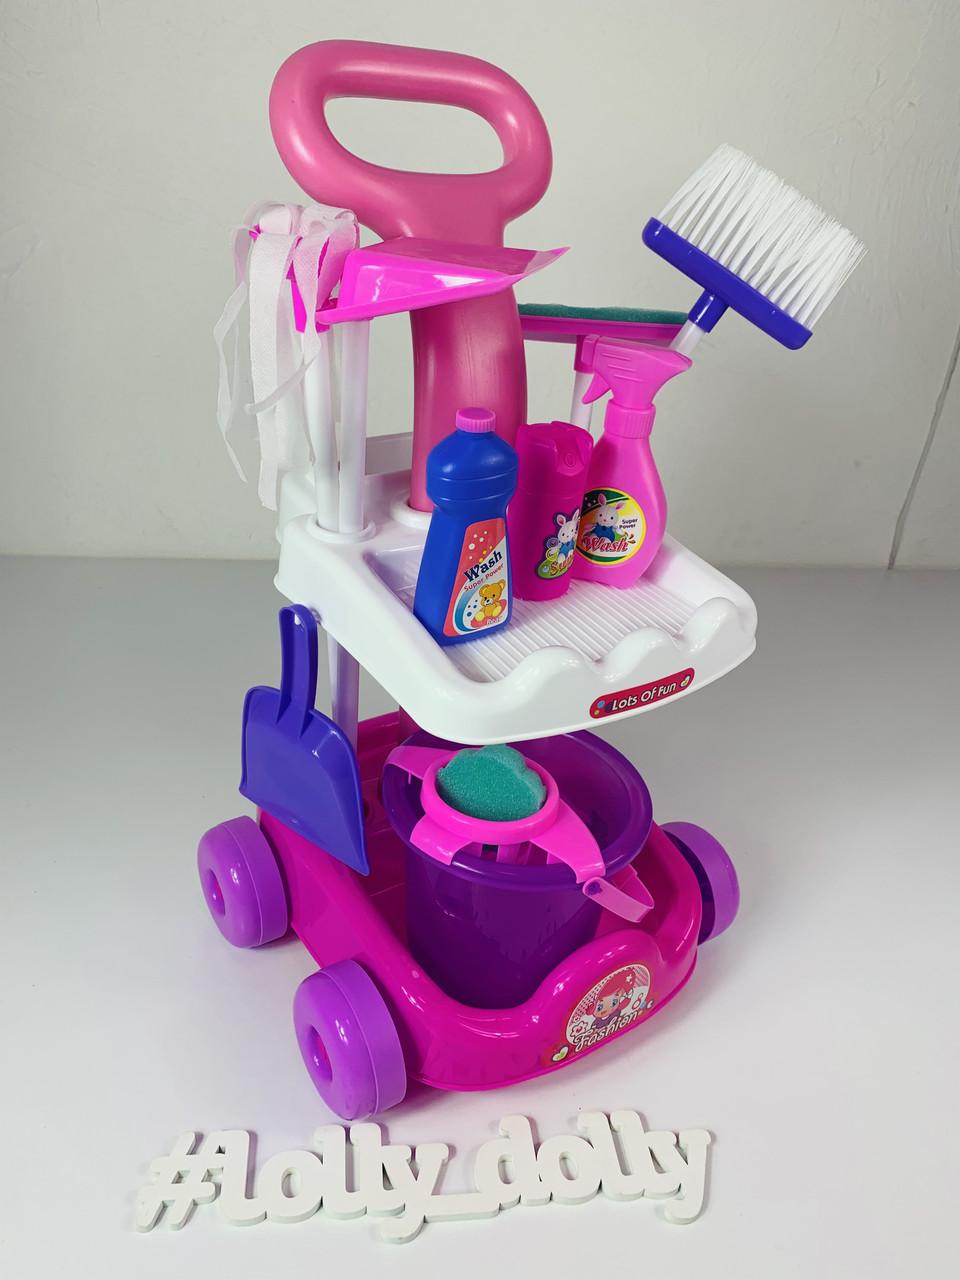 Дитячий набір для прибирання A5953